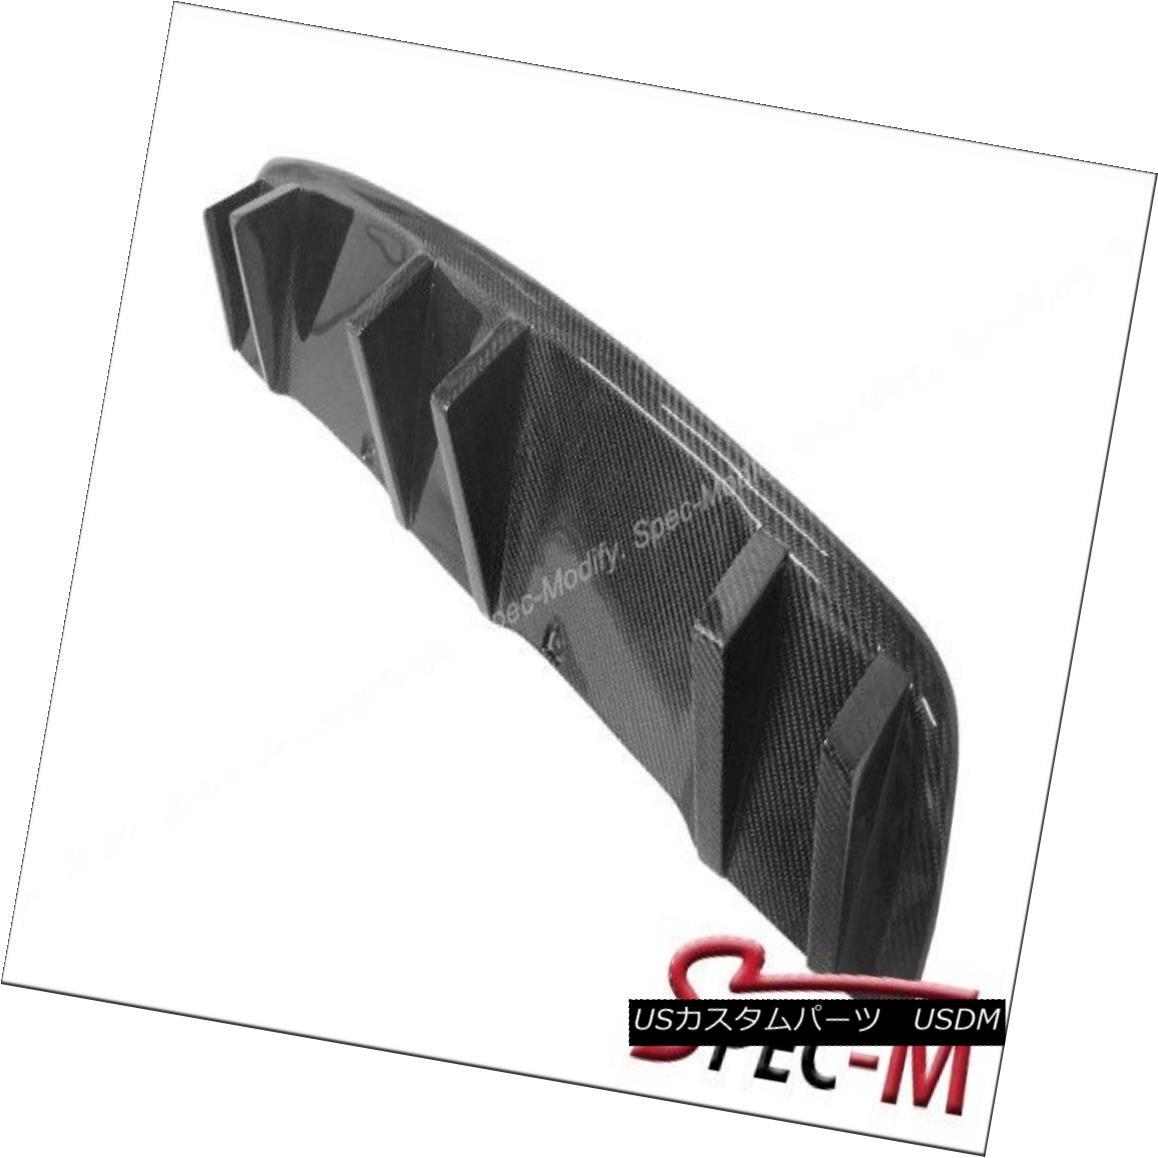 エアロパーツ DP Style Carbon Fiber Bumper Diffuser add-on for BMW 08-13 E71 X6 DPスタイルカーボンファイバーバンパーディフューザーアドオンBMW 08-13 E71 X6